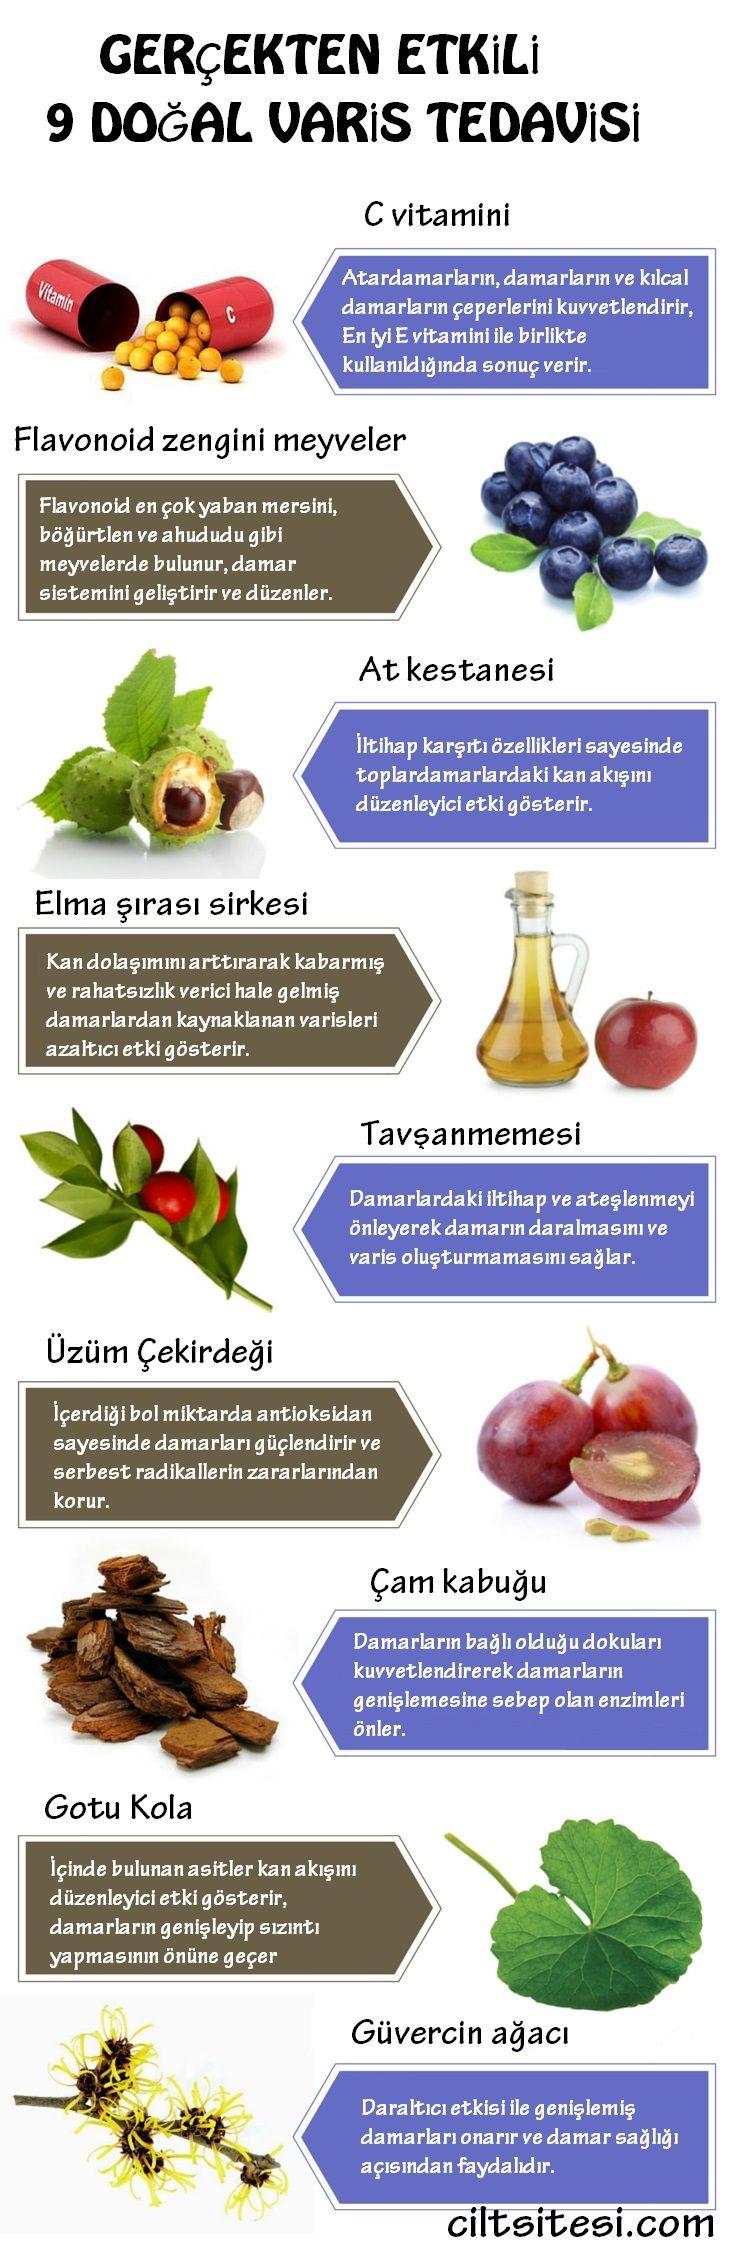 Doğal ve tamamen bitkisel varis tedavisi yöntemleri.